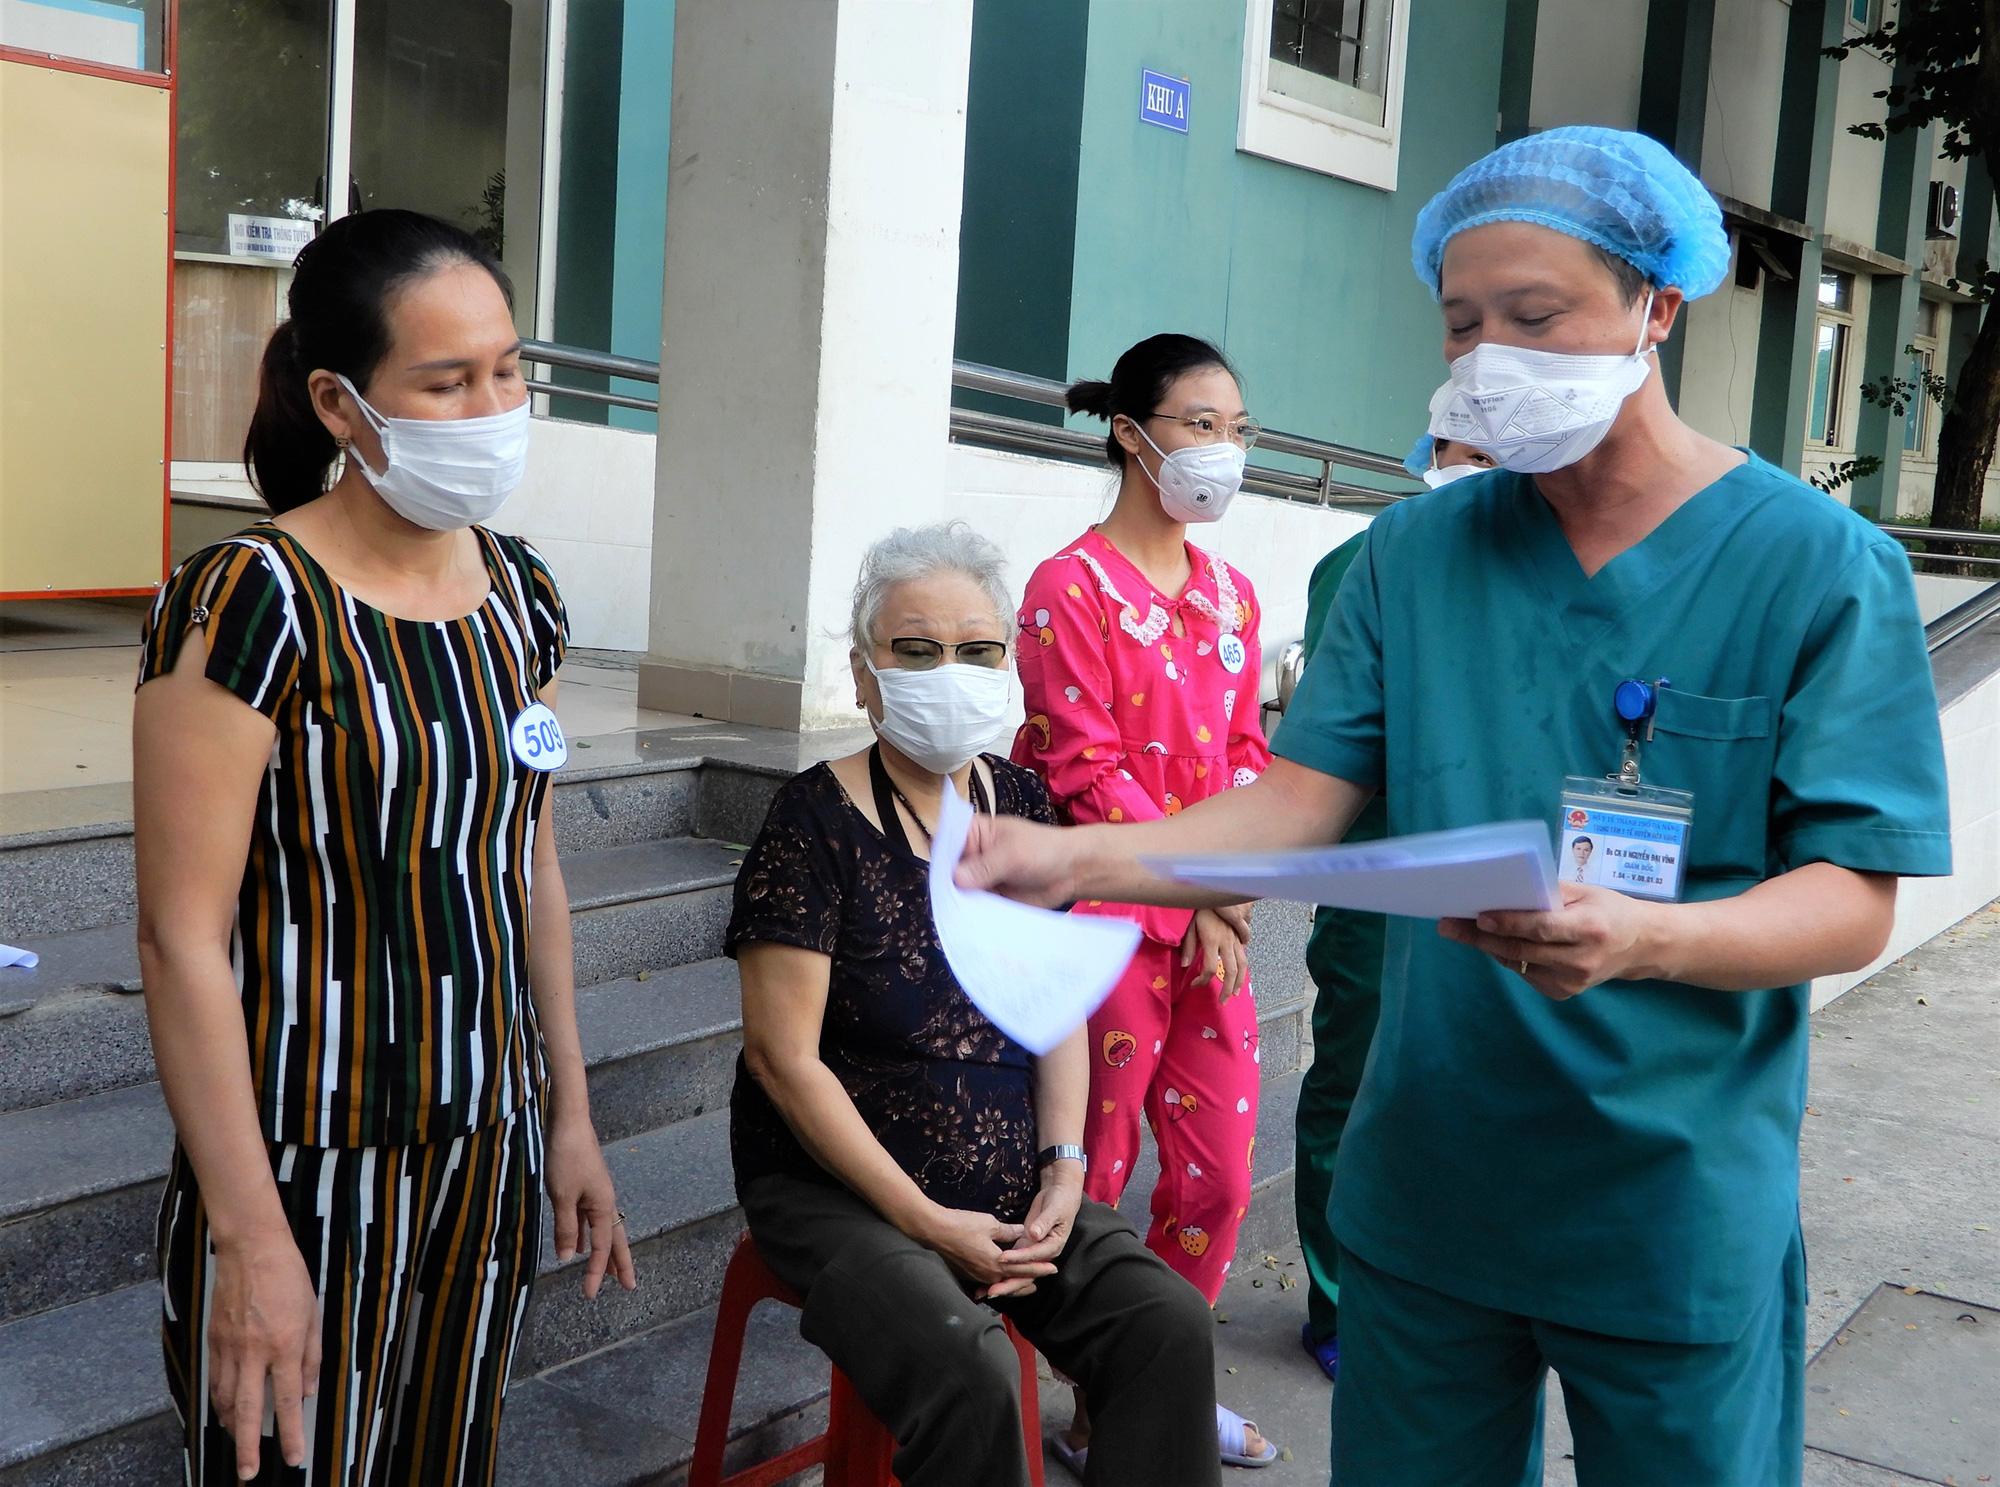 Cụ bà 71 tuổi được chữa khỏi Covid-19: Tôi được các bác sĩ chăm sóc tận tình còn hơn cả người thân - Ảnh 1.